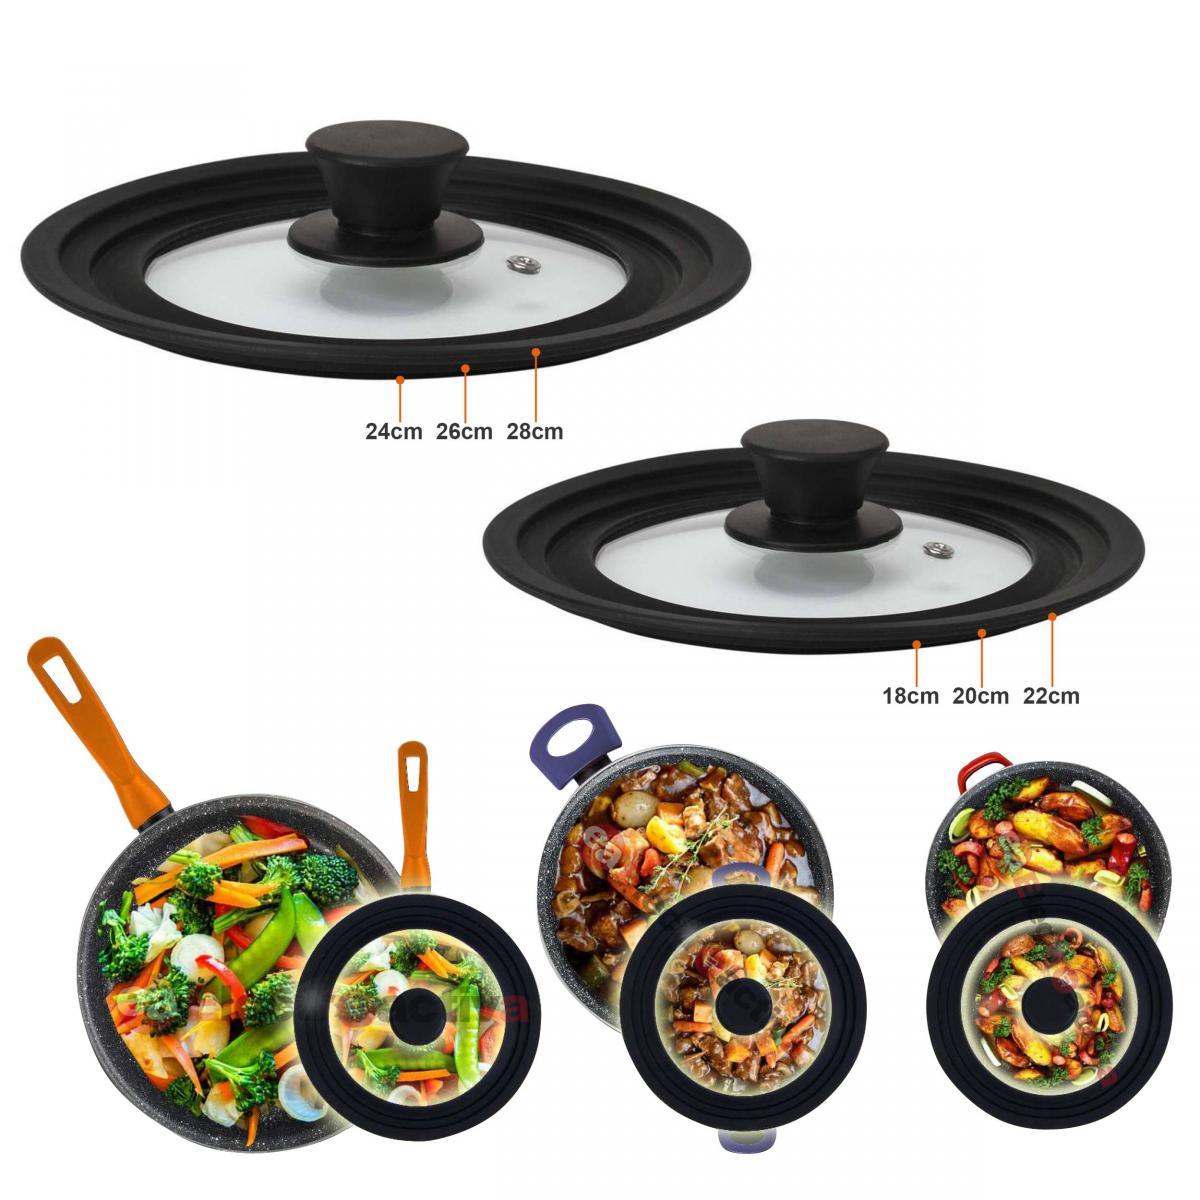 Magefesa Couvercle de poêle à frire casseroles 18-20-22, 24-26-28, multi-diamètre Magefesa